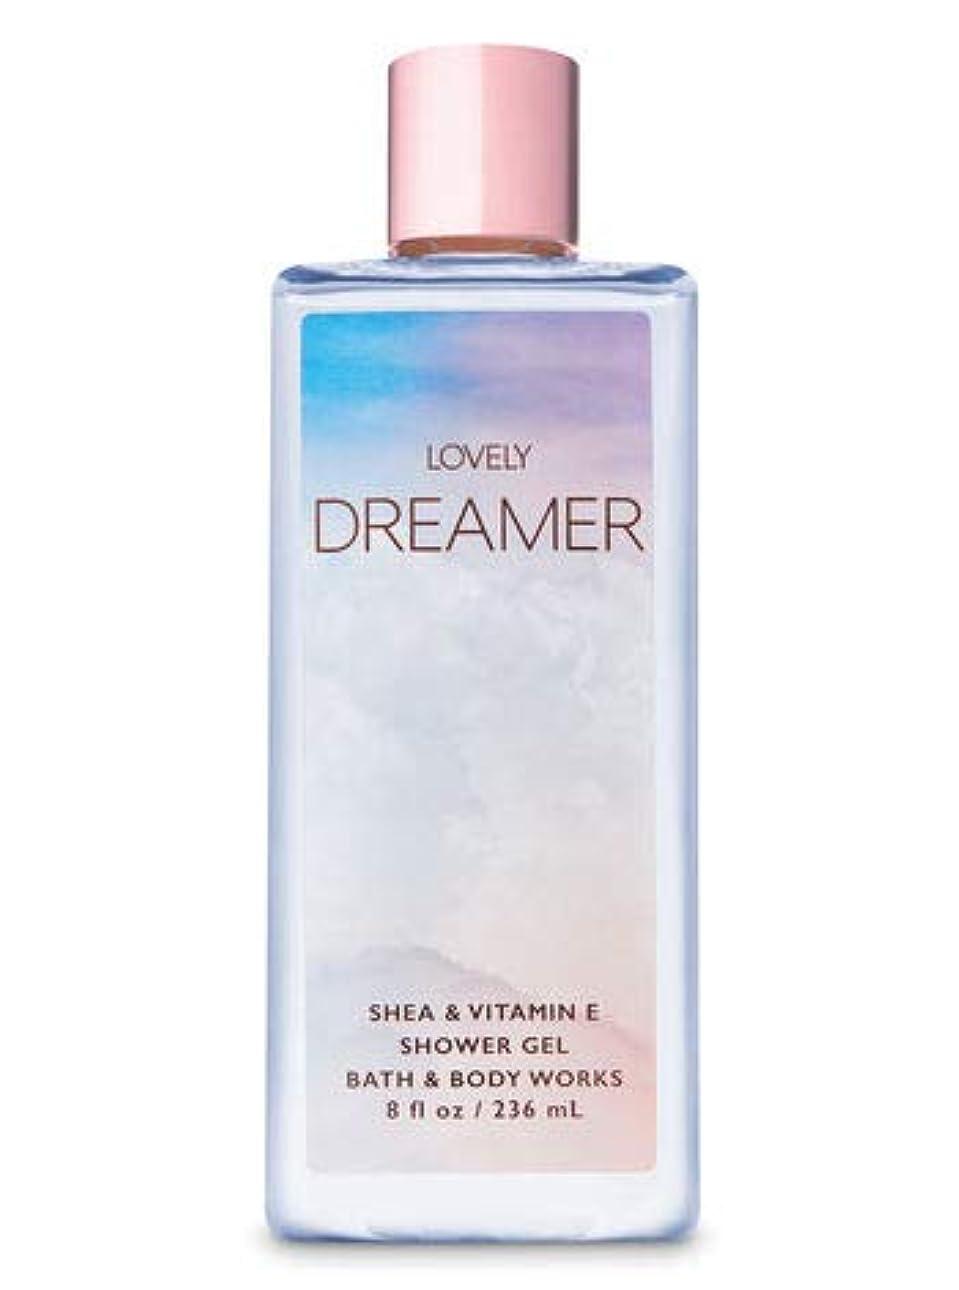 修道院スラッシュ故意の【Bath&Body Works/バス&ボディワークス】 シャワージェル ラブリードリーマー Shower Gel Lovely Dreamer 10 fl oz / 295 mL [並行輸入品]